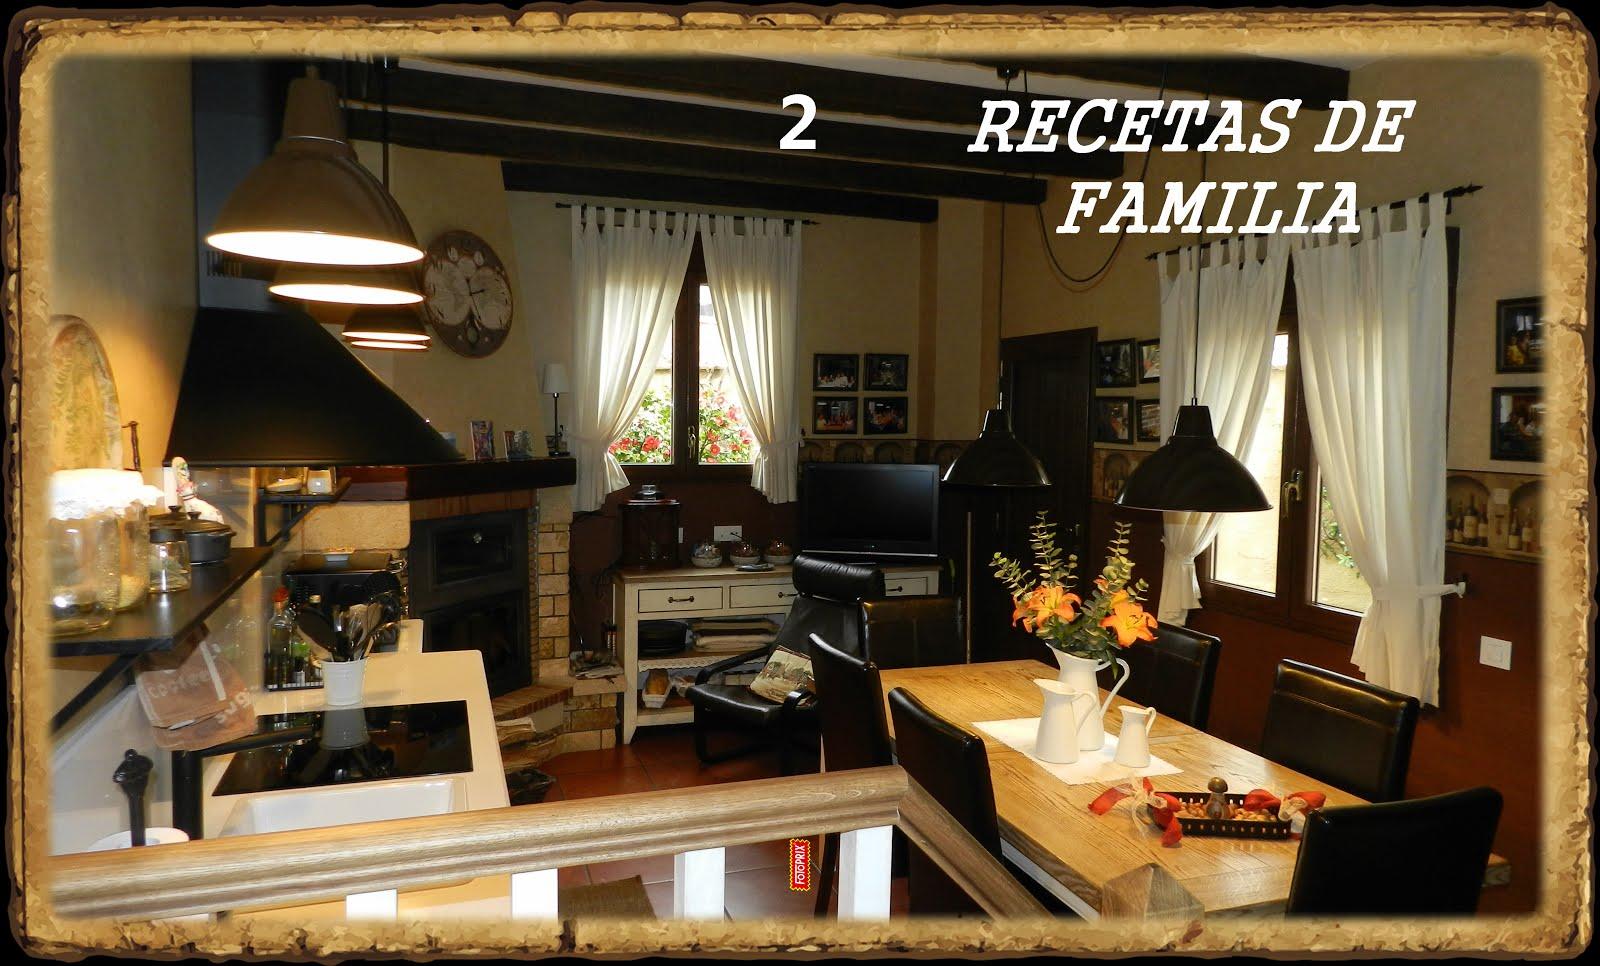 FOTOLIBRO DE RECETAS 2